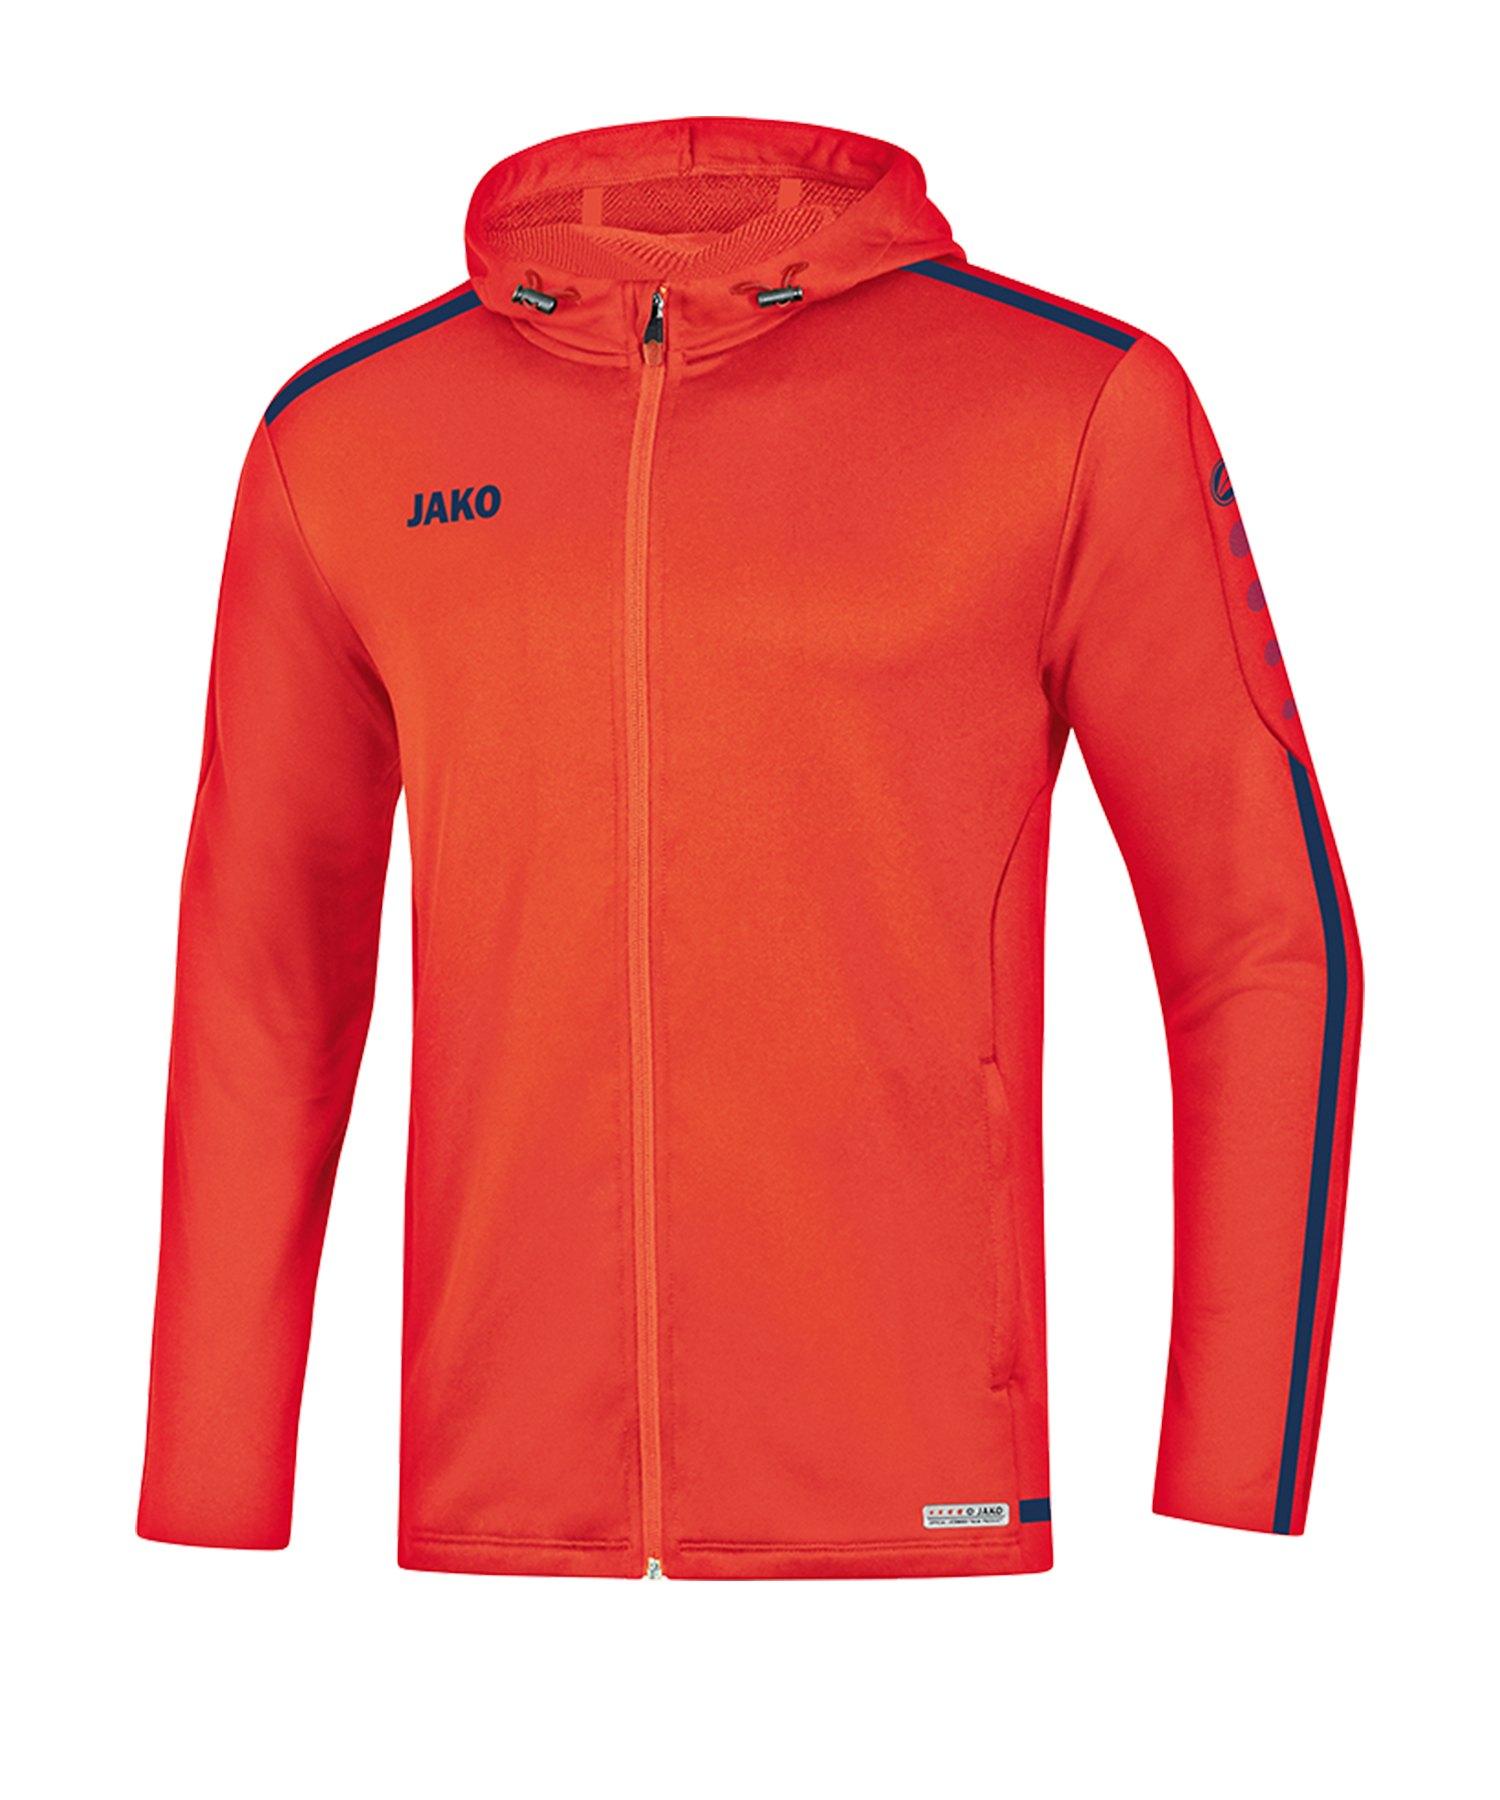 Jako Striker 2.0 Kapuzenjacke Damen Orange F18 - Orange